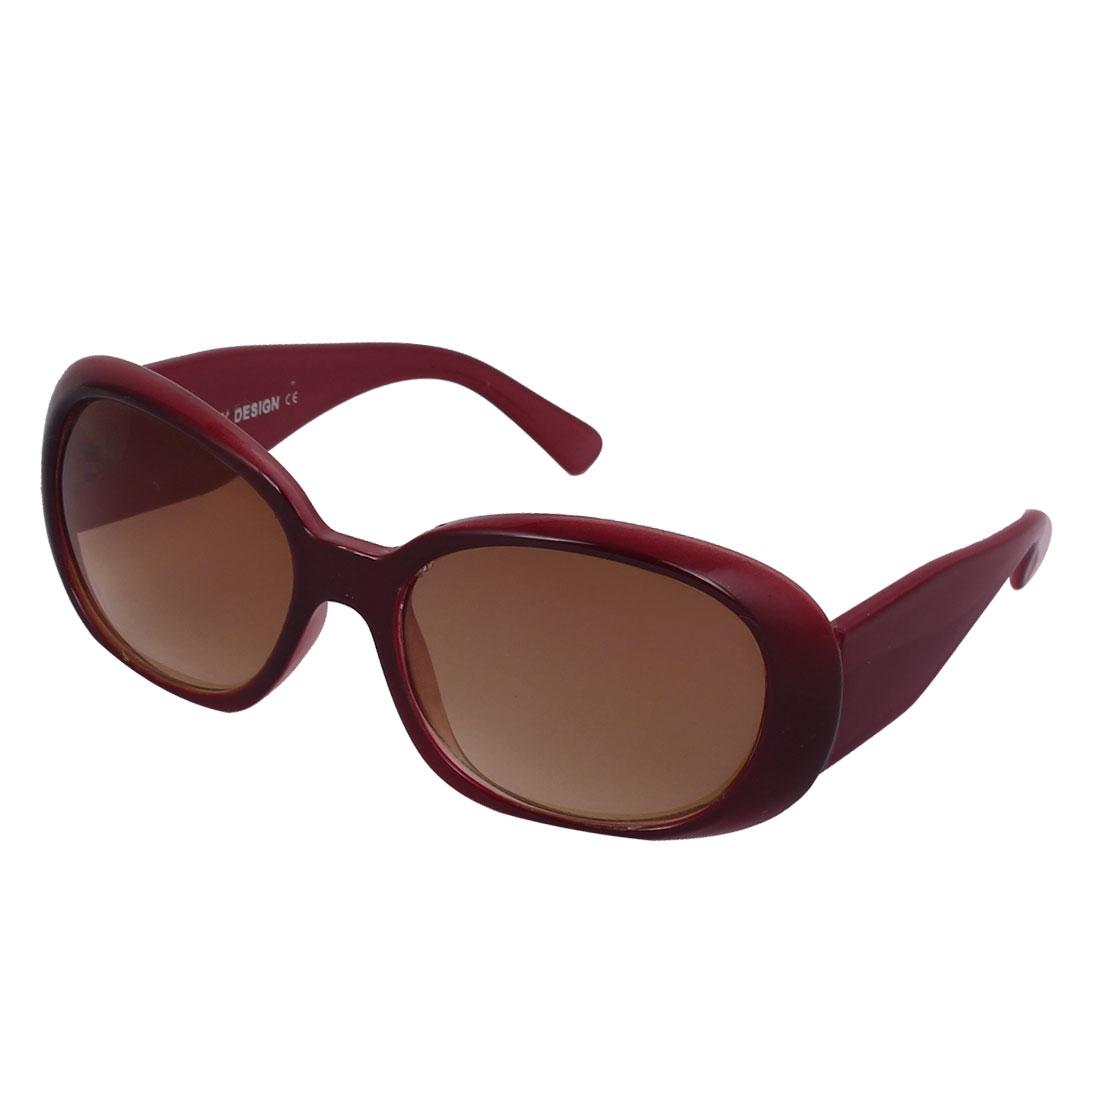 Lady Plastic Full Rim Single Bridge Brown Water Drop Lens Sunglasses Burgundy